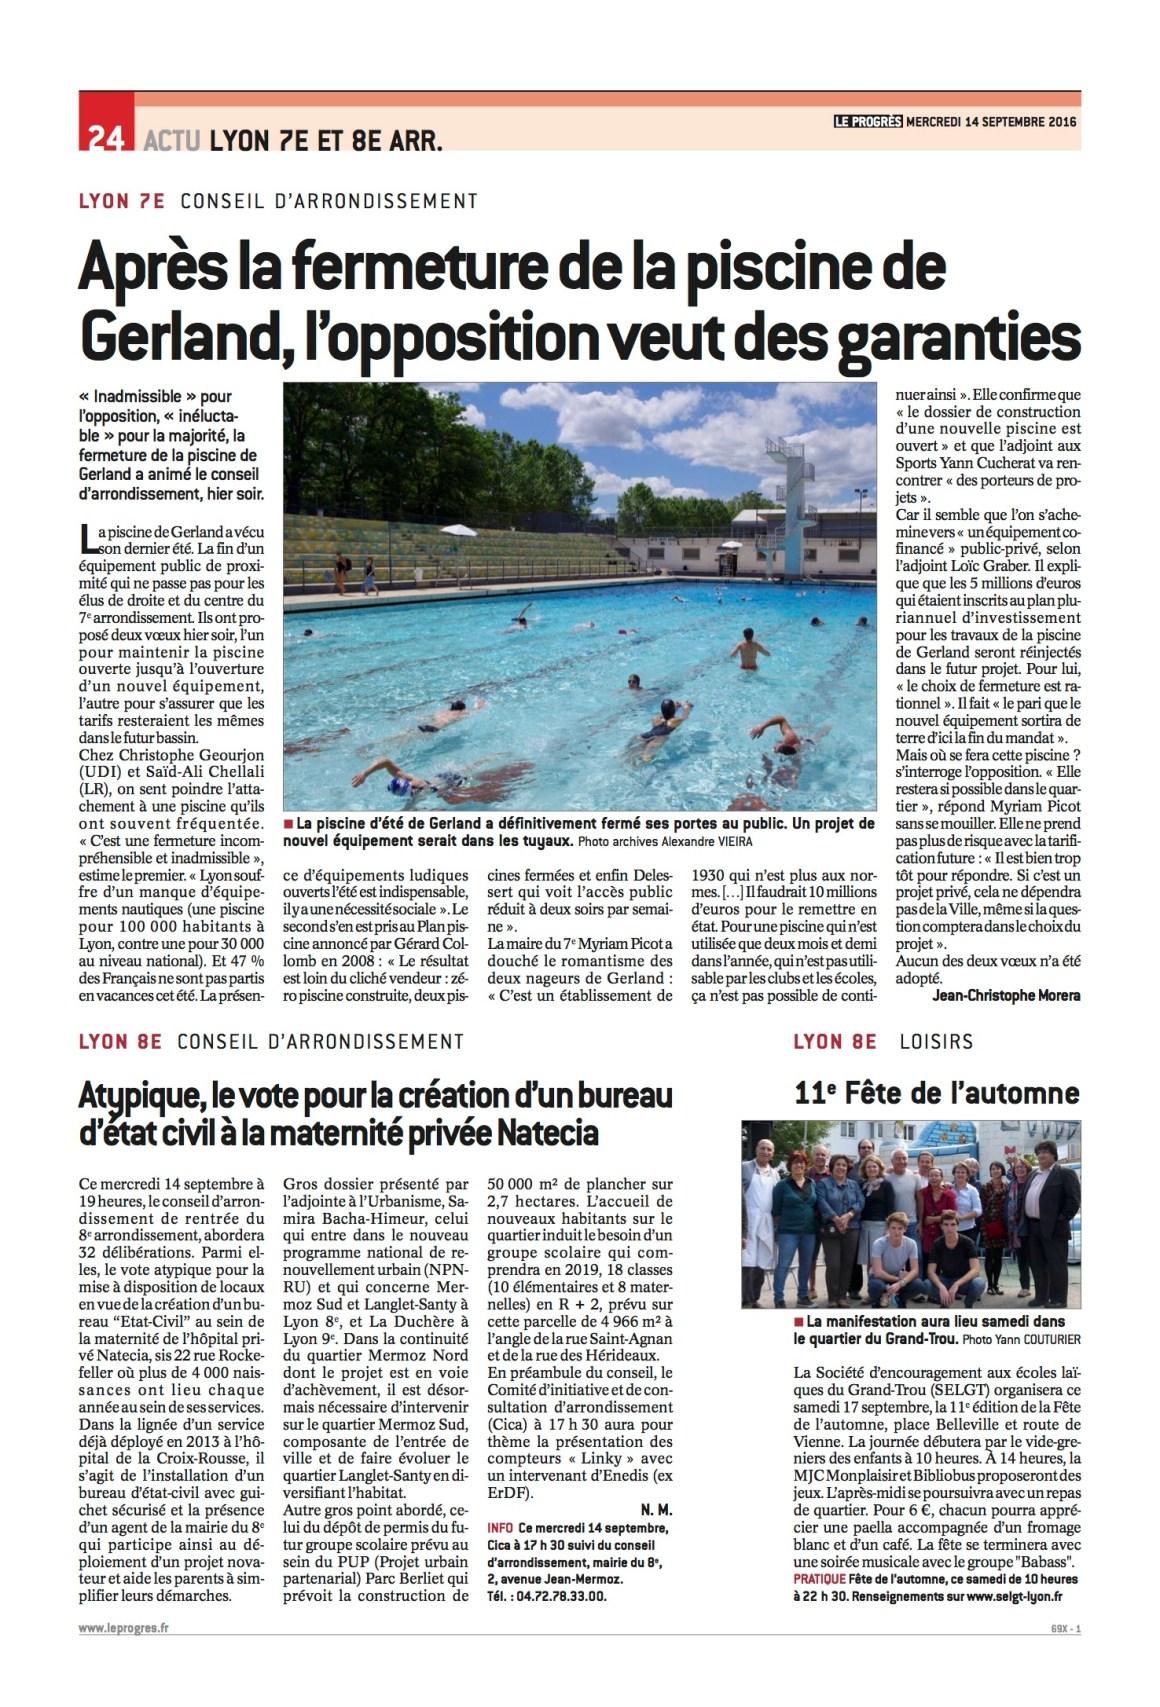 [Presse] Après la fermeture de la piscine de Gerland, l'opposition veut des garanties